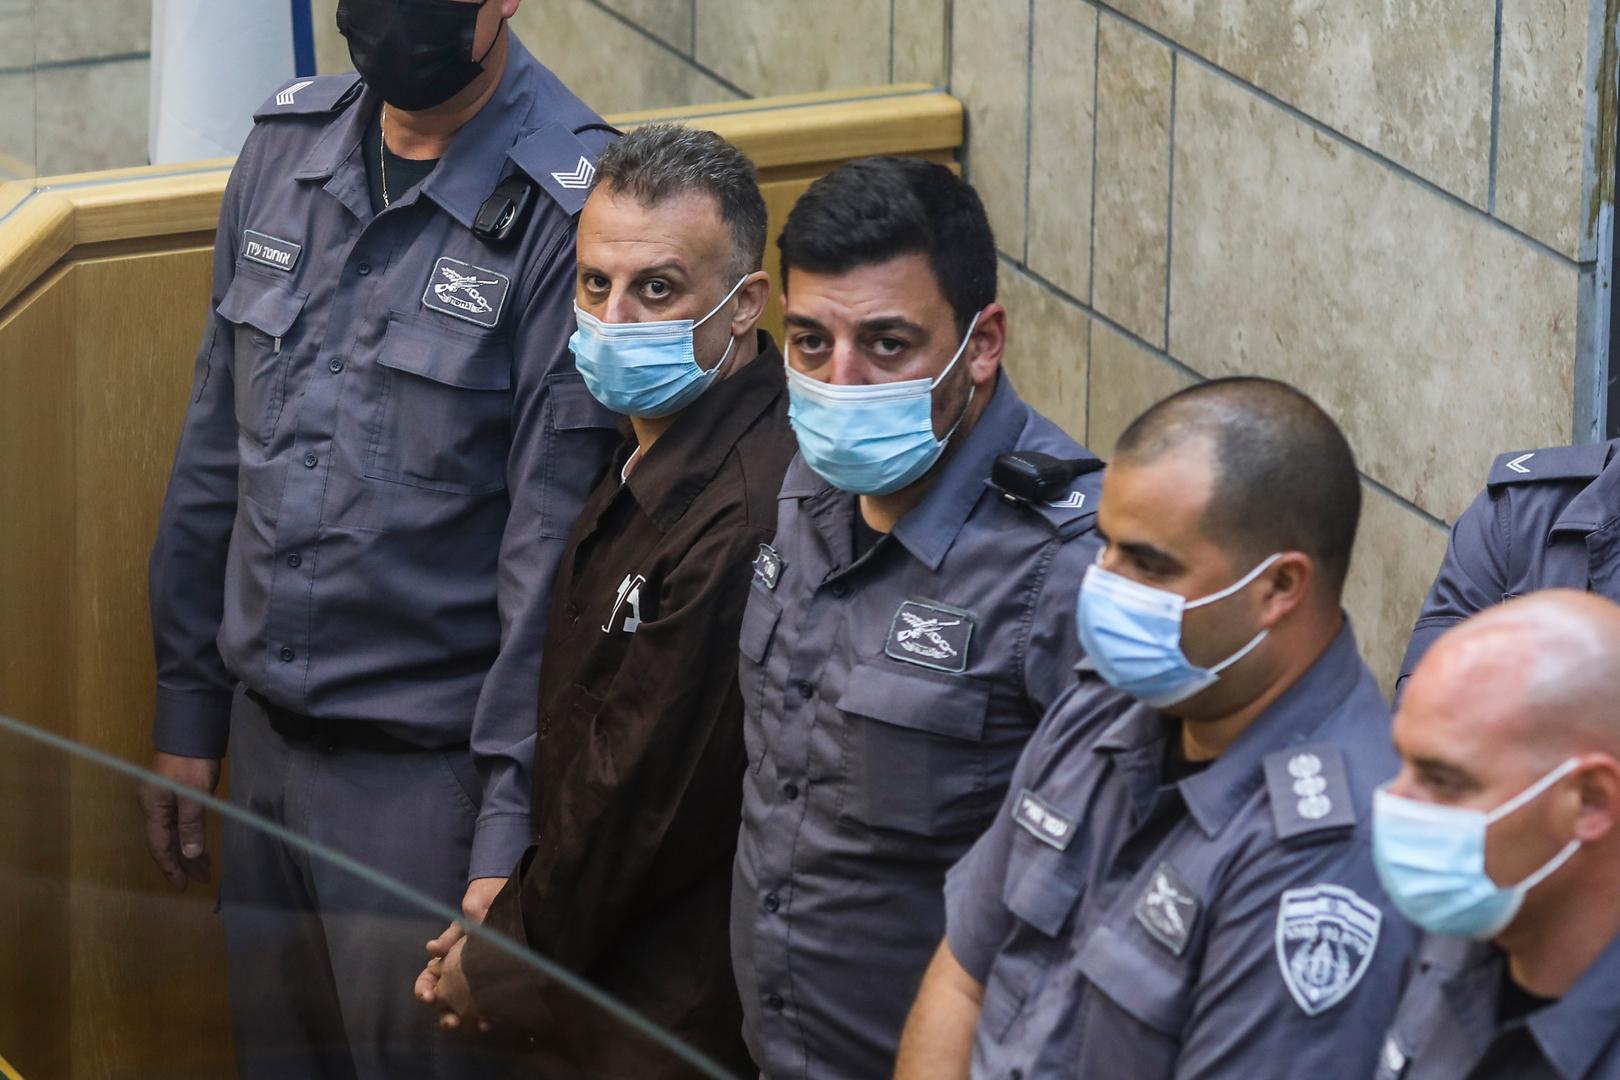 عناصر من الشرطة الإسرائيلية يحيطون بأحد أسرى سجن جلبوع